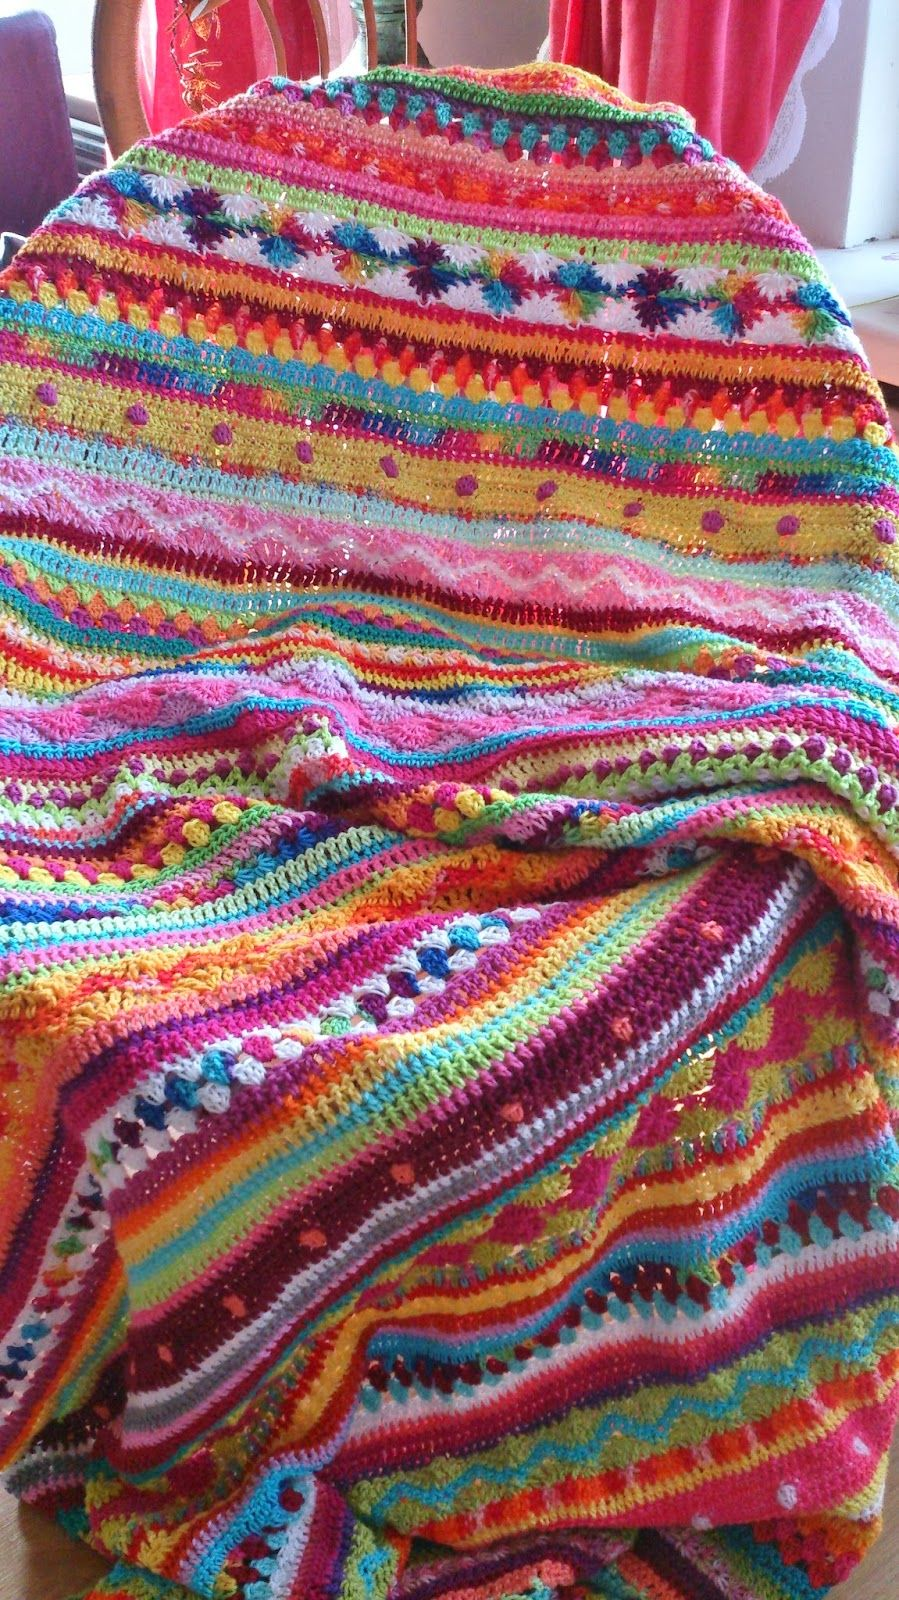 Pin von Pat Zimmermann auf Crochet | Pinterest | Wolldecke, Decken ...